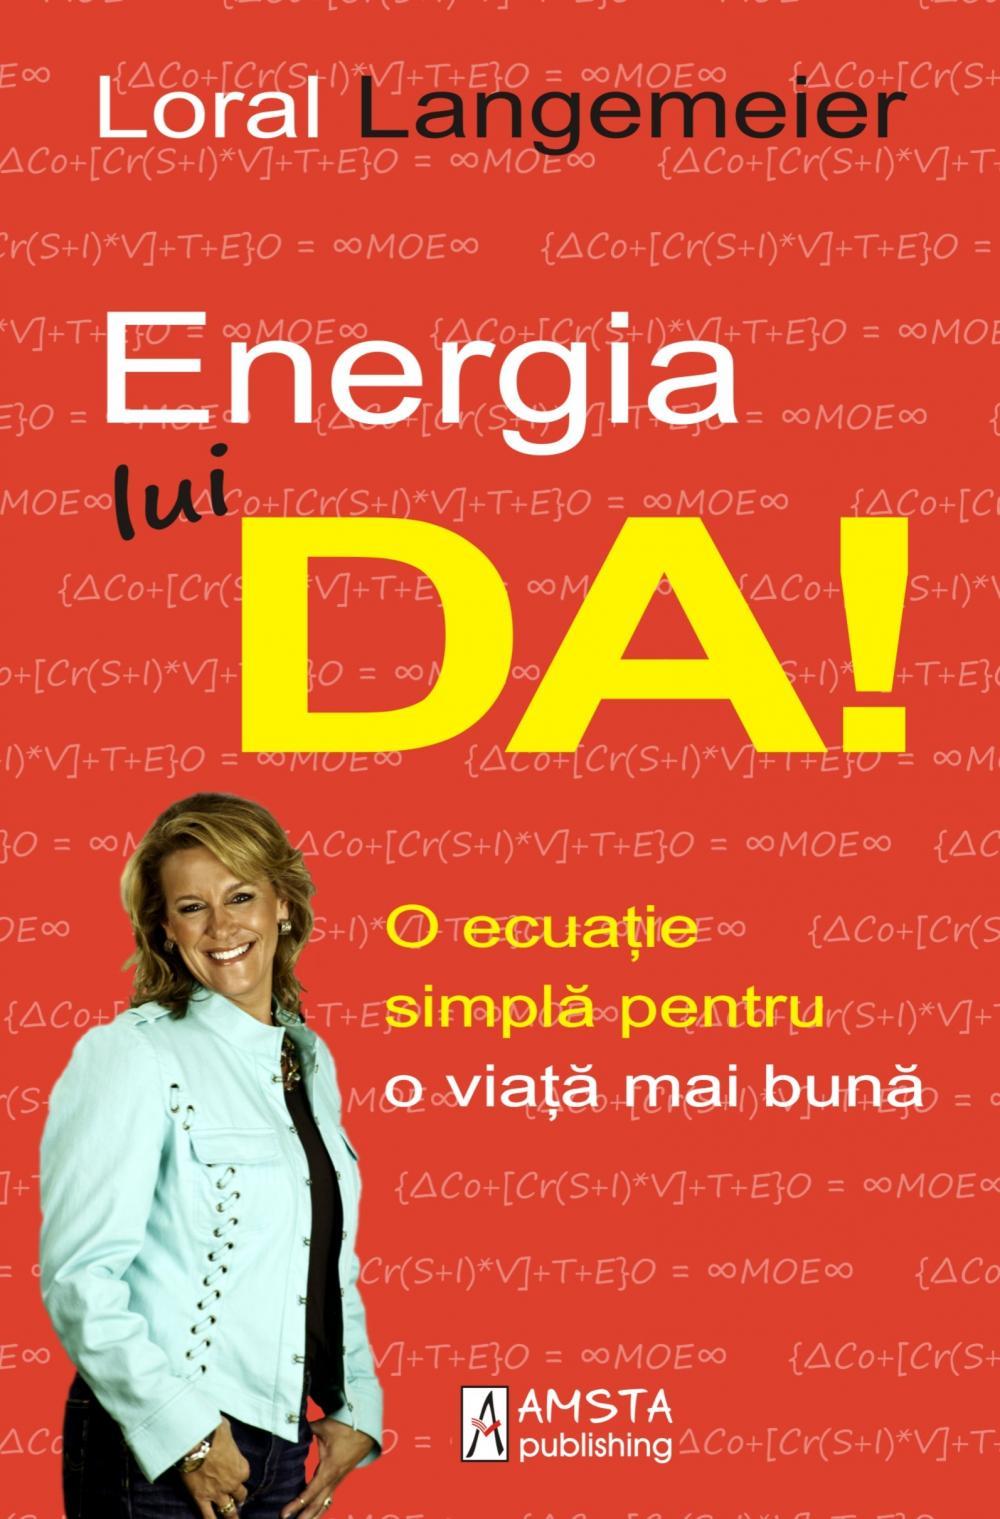 ENERGIA LUIナ DA!